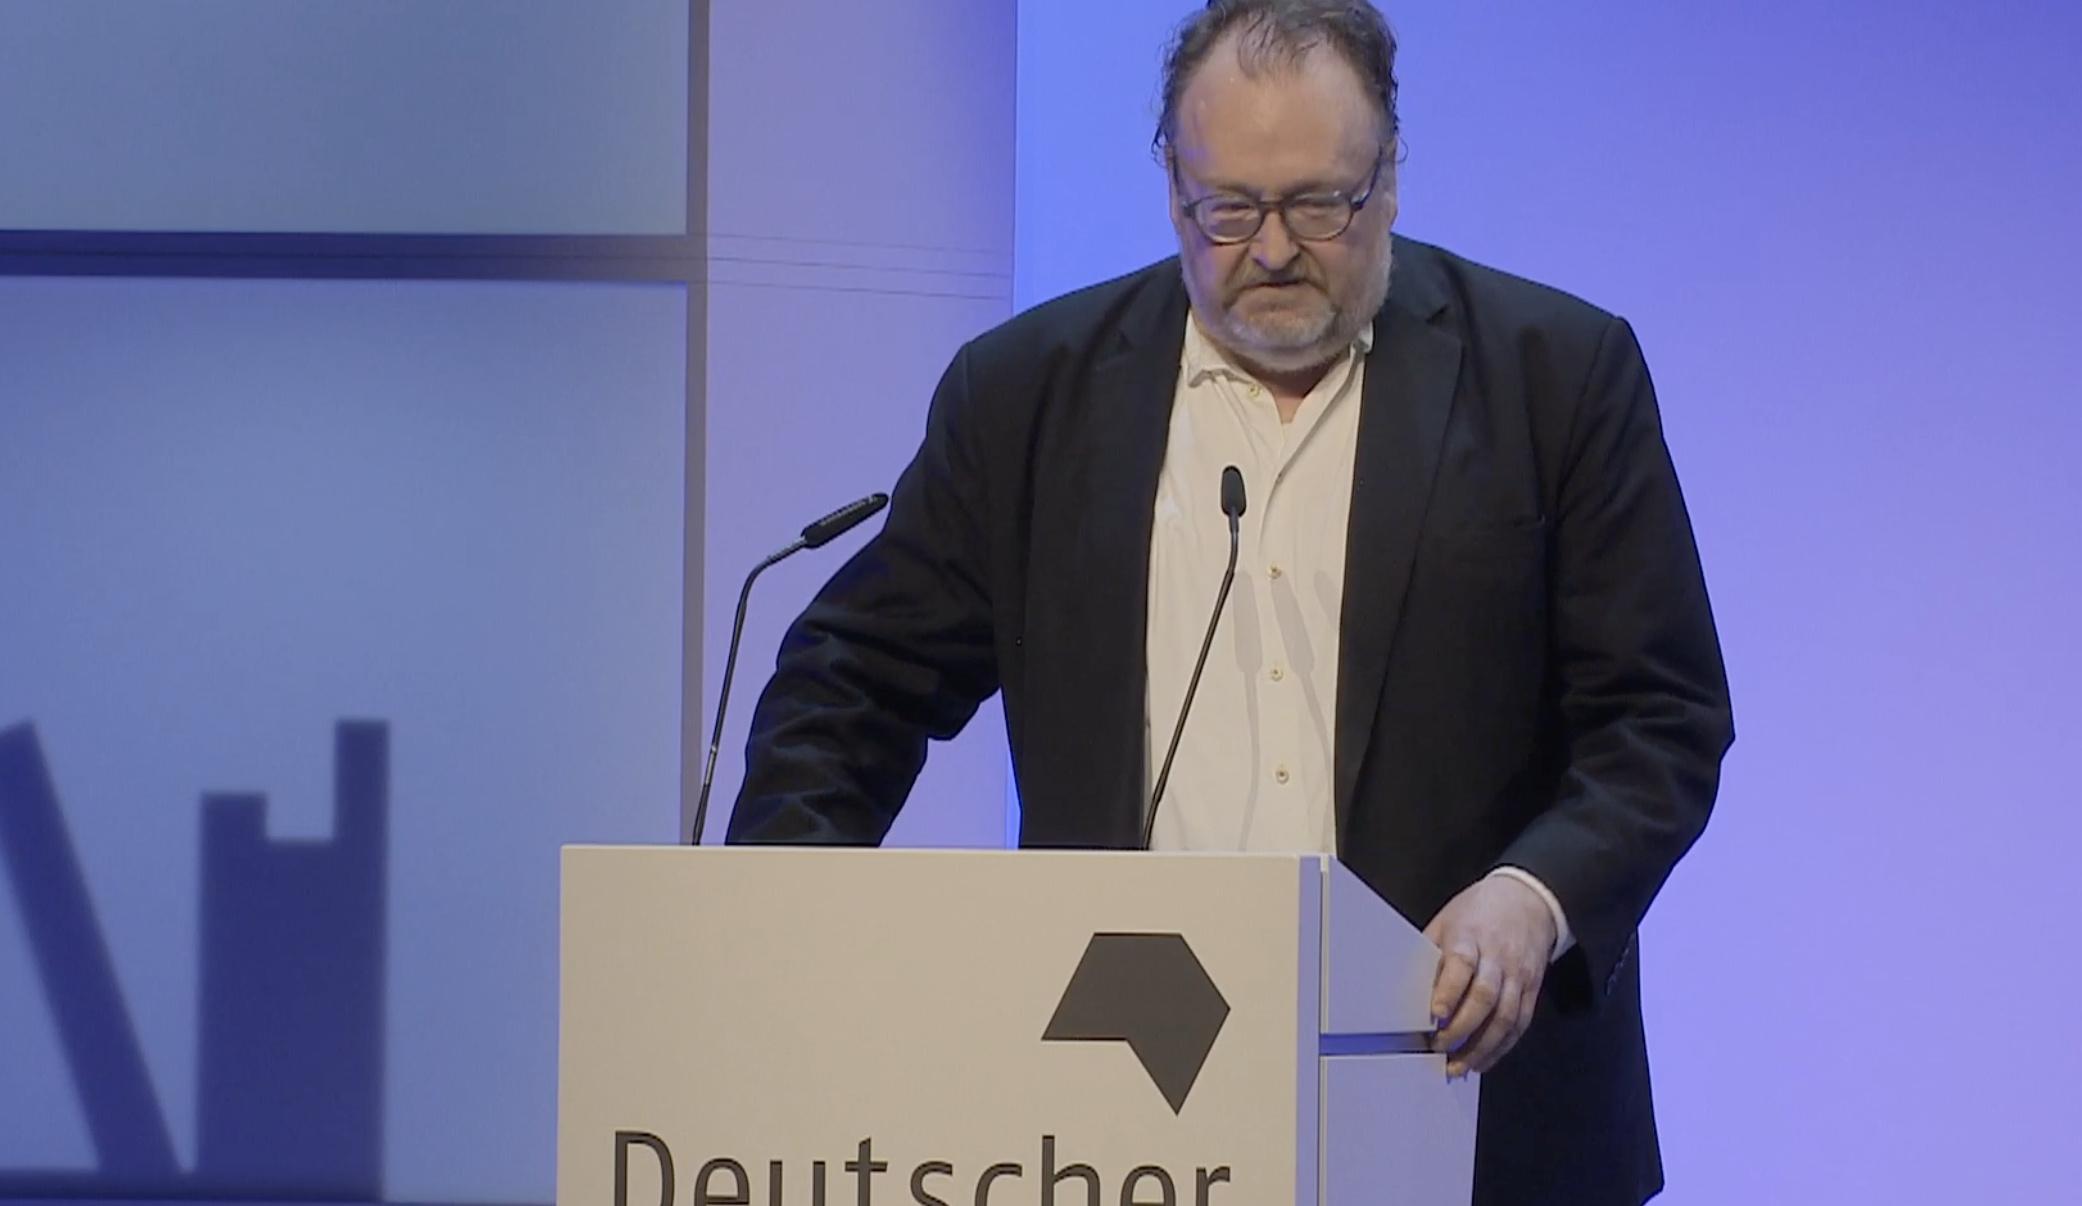 Deutscher Sachbuchpreis 2021 geht an Jürgen Kaube für »Hegels Welt« - buchreport